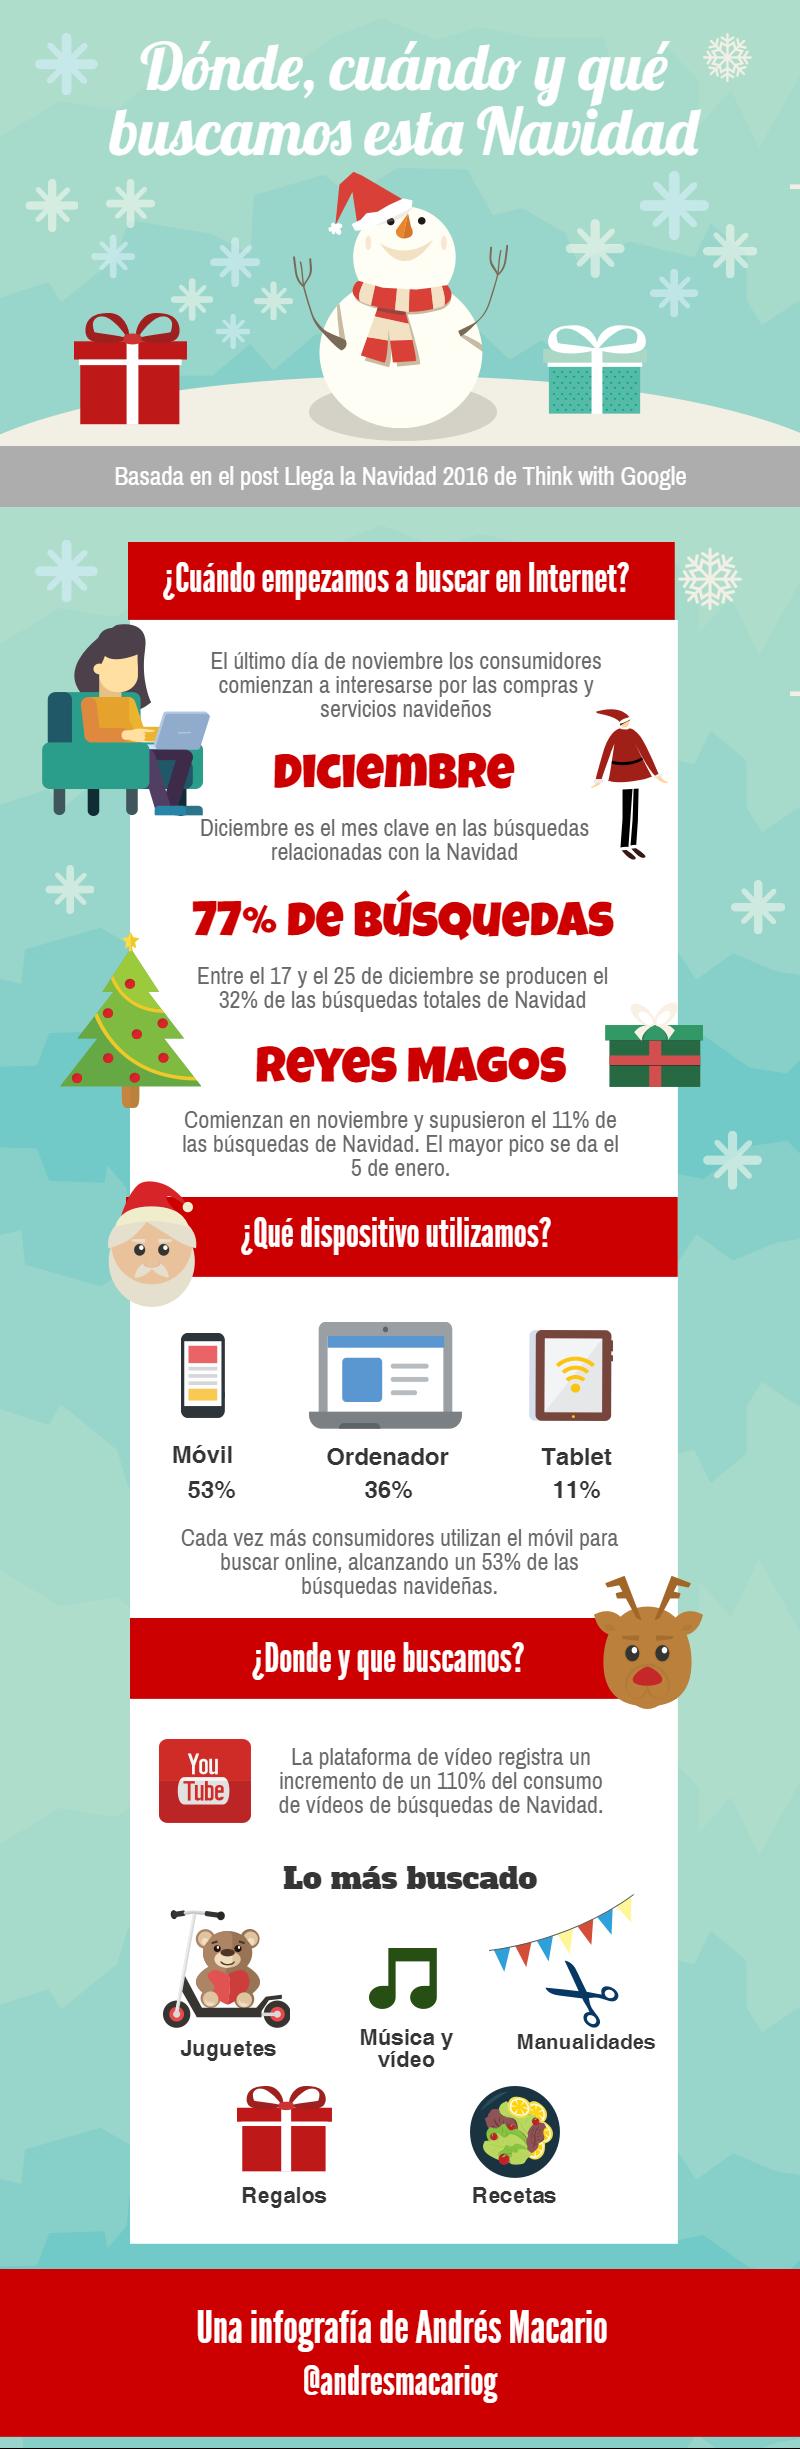 donde-cuando-y-que-buscamos-esta-navidad-infografia-andres-macario